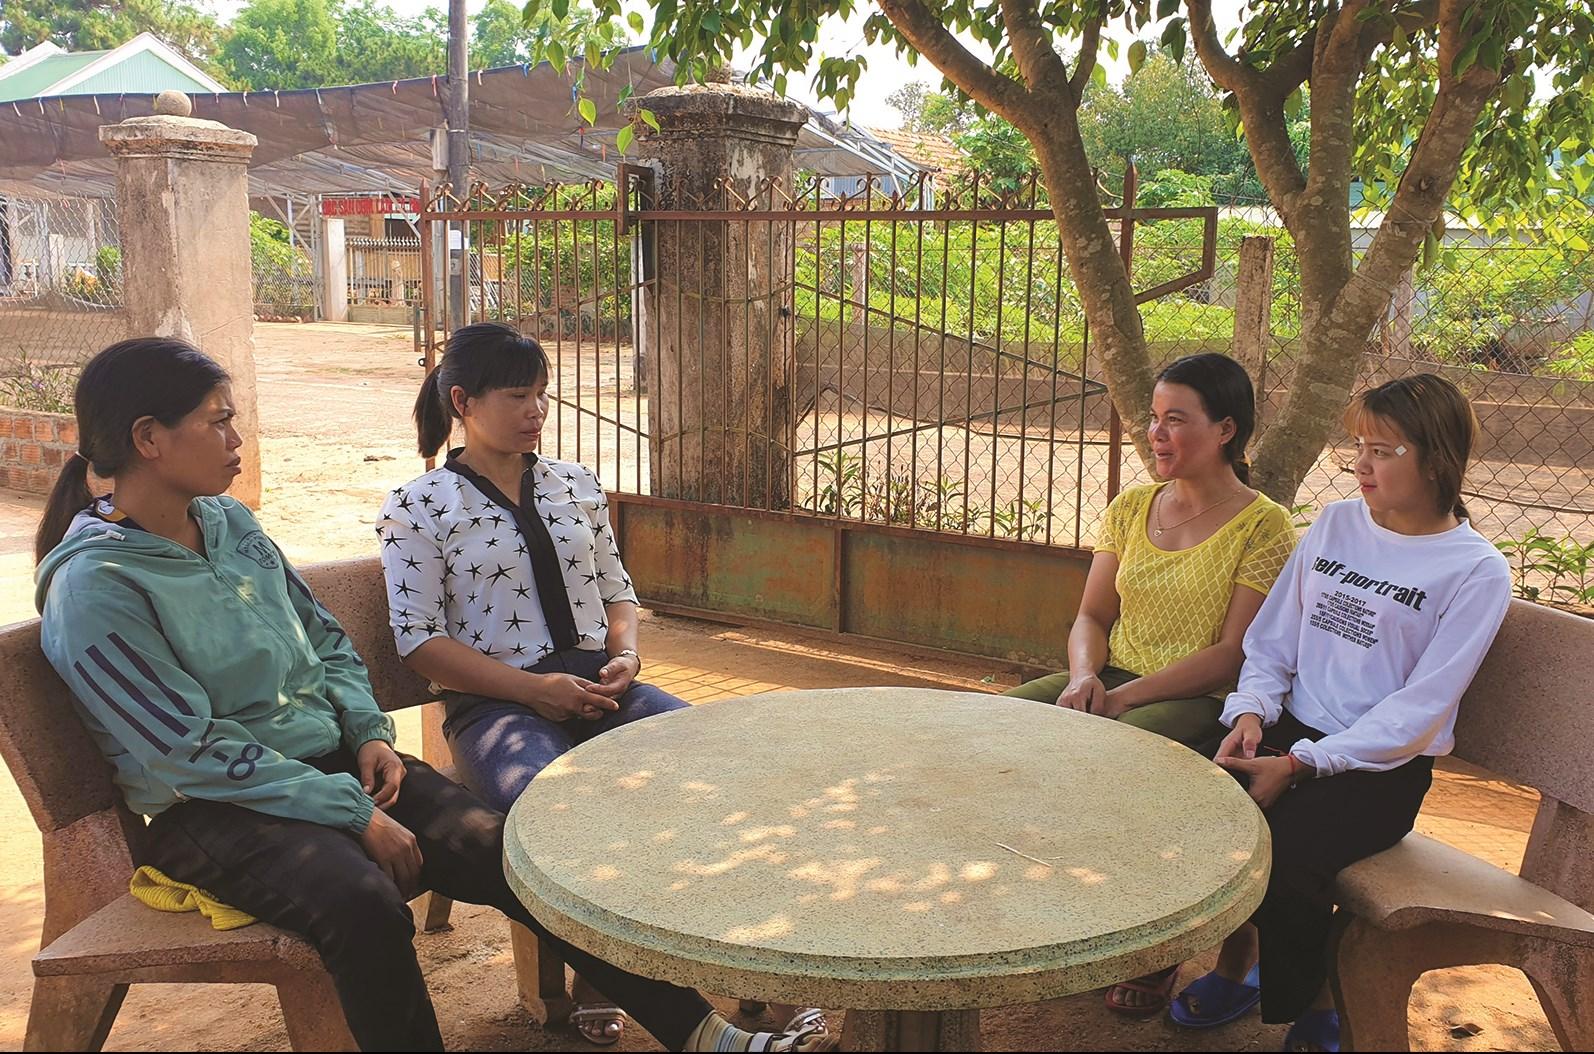 Thành viên CLB ở làng Ia Mút, xã Hà Bầu (huyện Đăk Đoa) phân tích hệ lụy của việc lấy chồng sớm cho em Phưng (người đầu tiên bên phải)